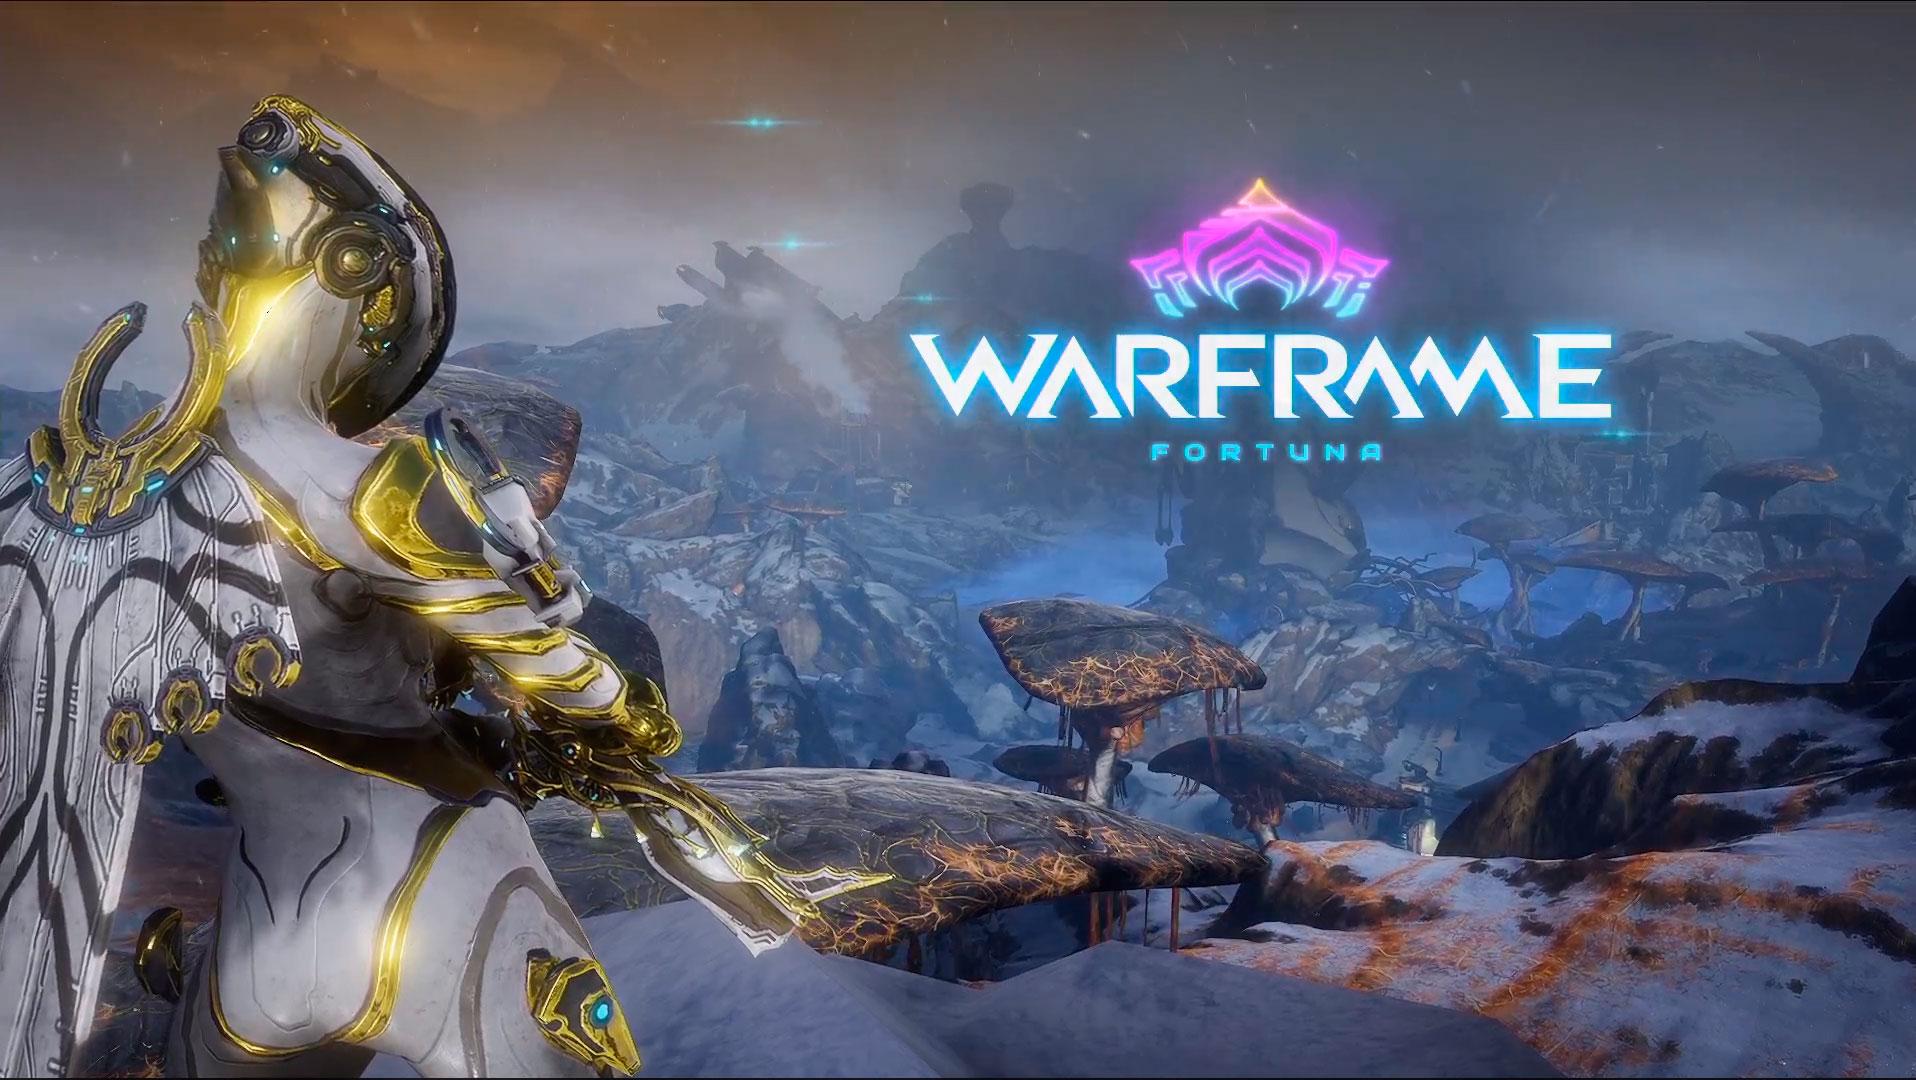 warframe_fortuna.jpg